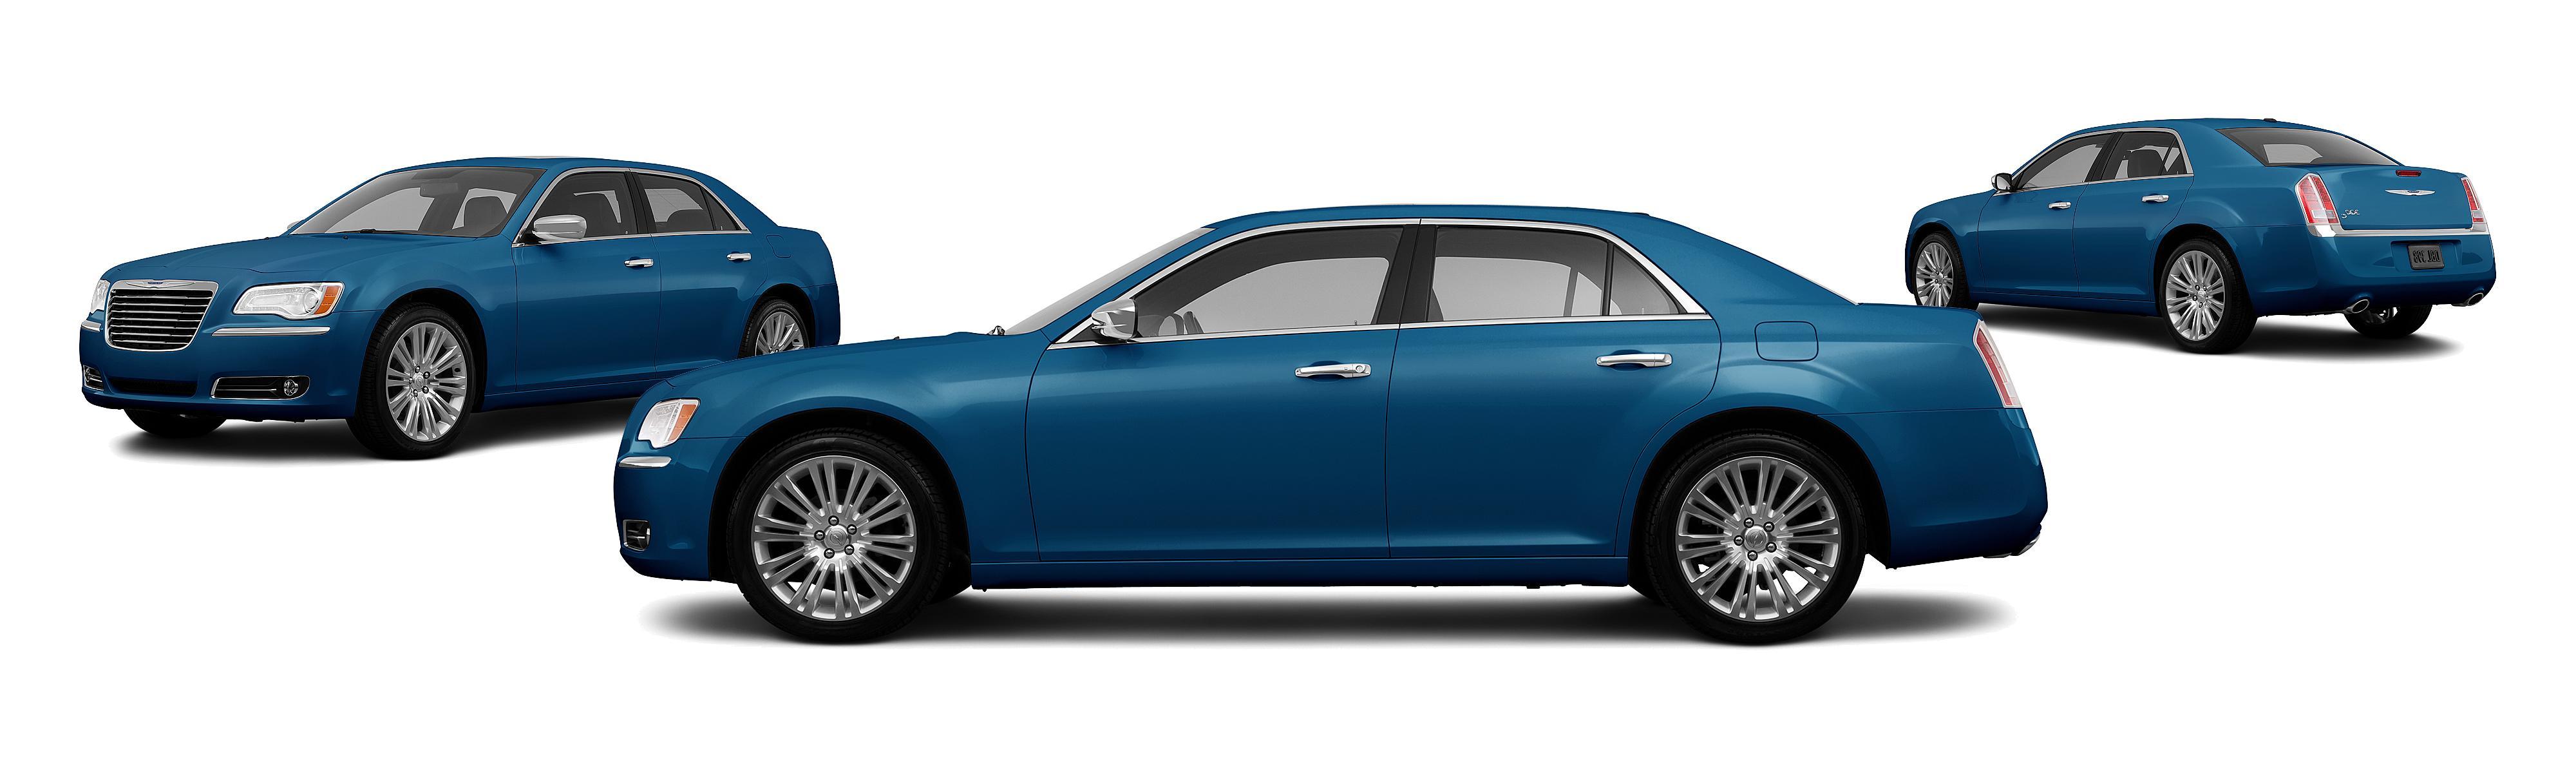 2013 Chrysler 300 AWD C 4dr Sedan - Research - GrooveCar